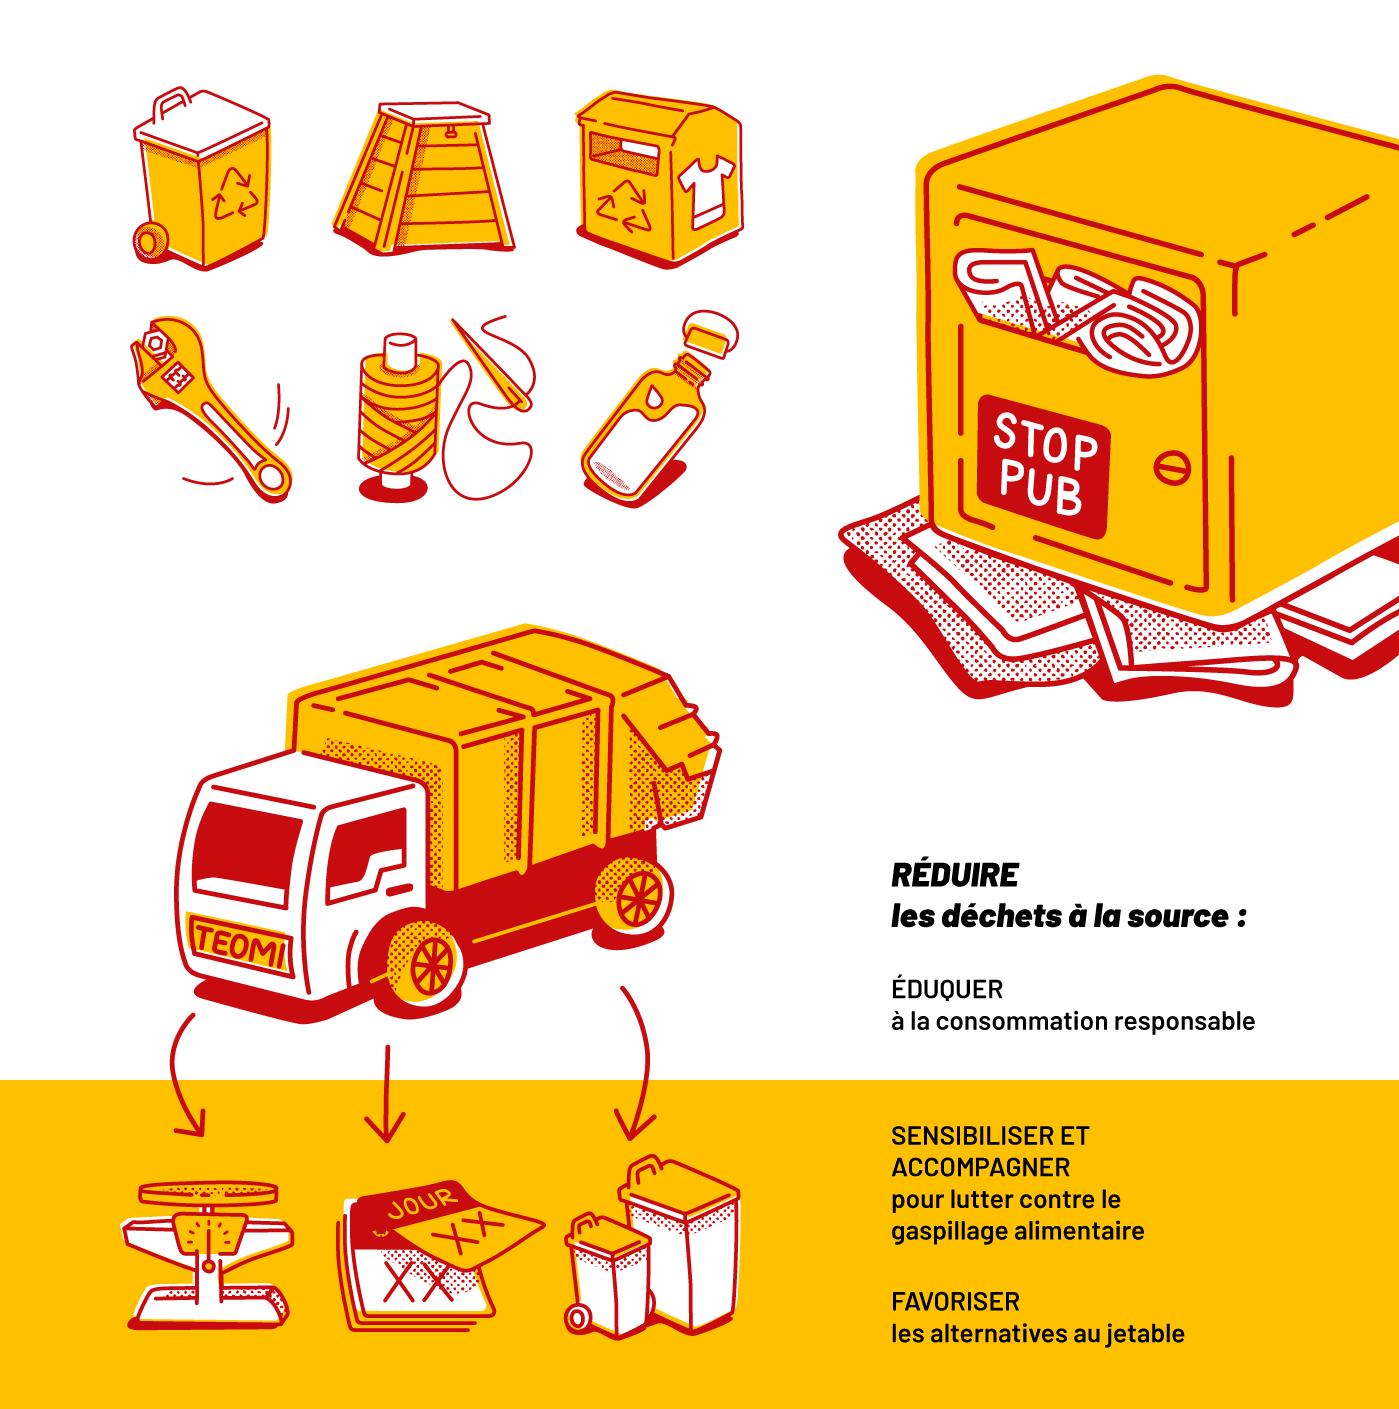 Détail des illustrations créées pour l'article sur les déchets urbains de France Nature Environnement : boite au lettres, camion TEOMI, balance, calendrier, poubelles